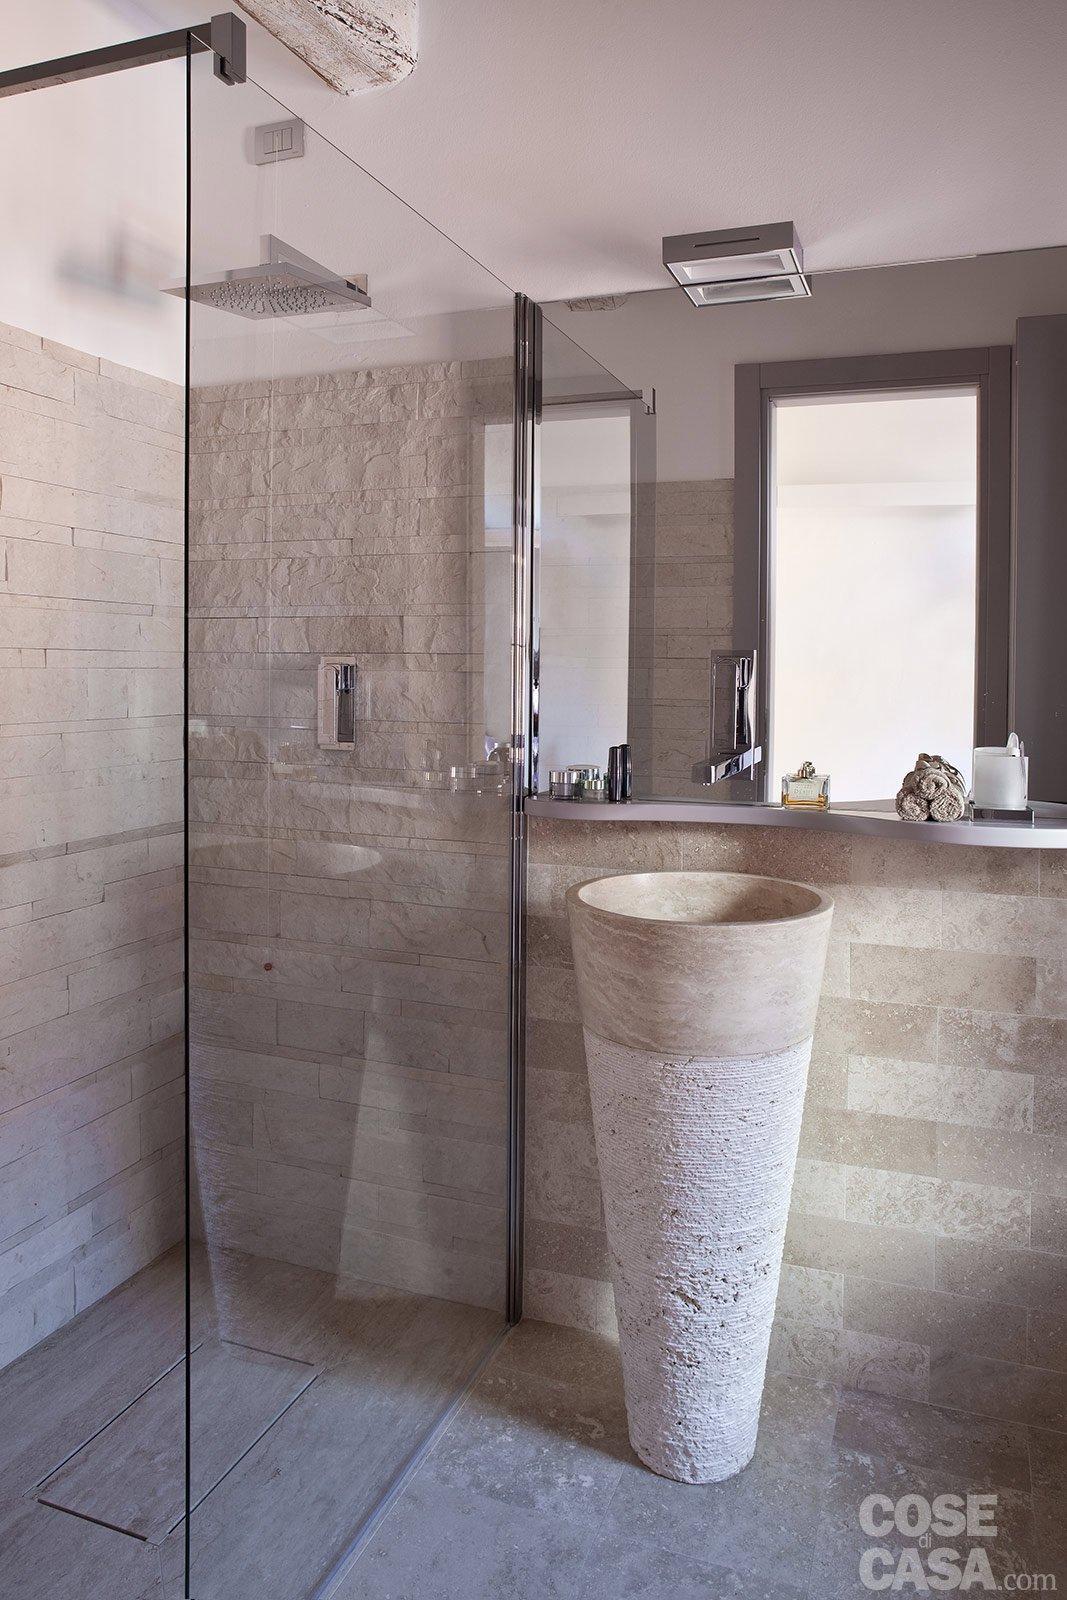 Casabook Immobiliare: Una casa stretta e lunga che ottimizza lo spazio